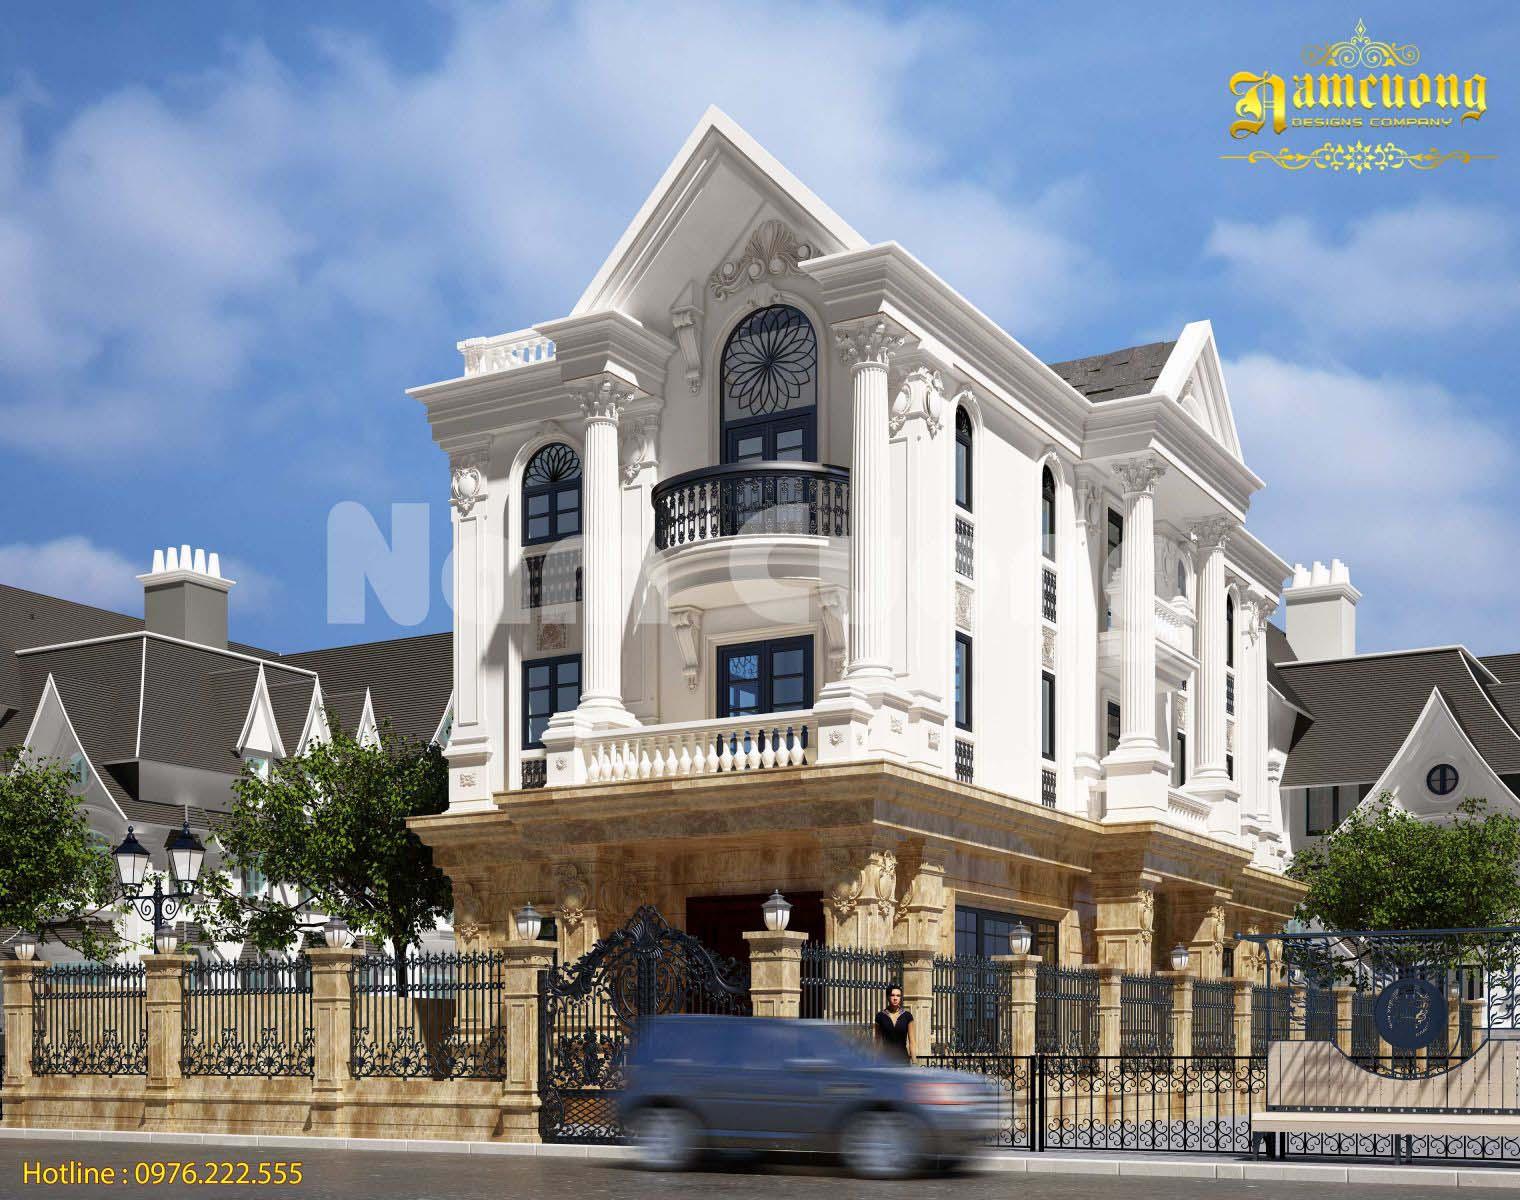 Thiết kế nhà đẹp theo phong thủy 2019